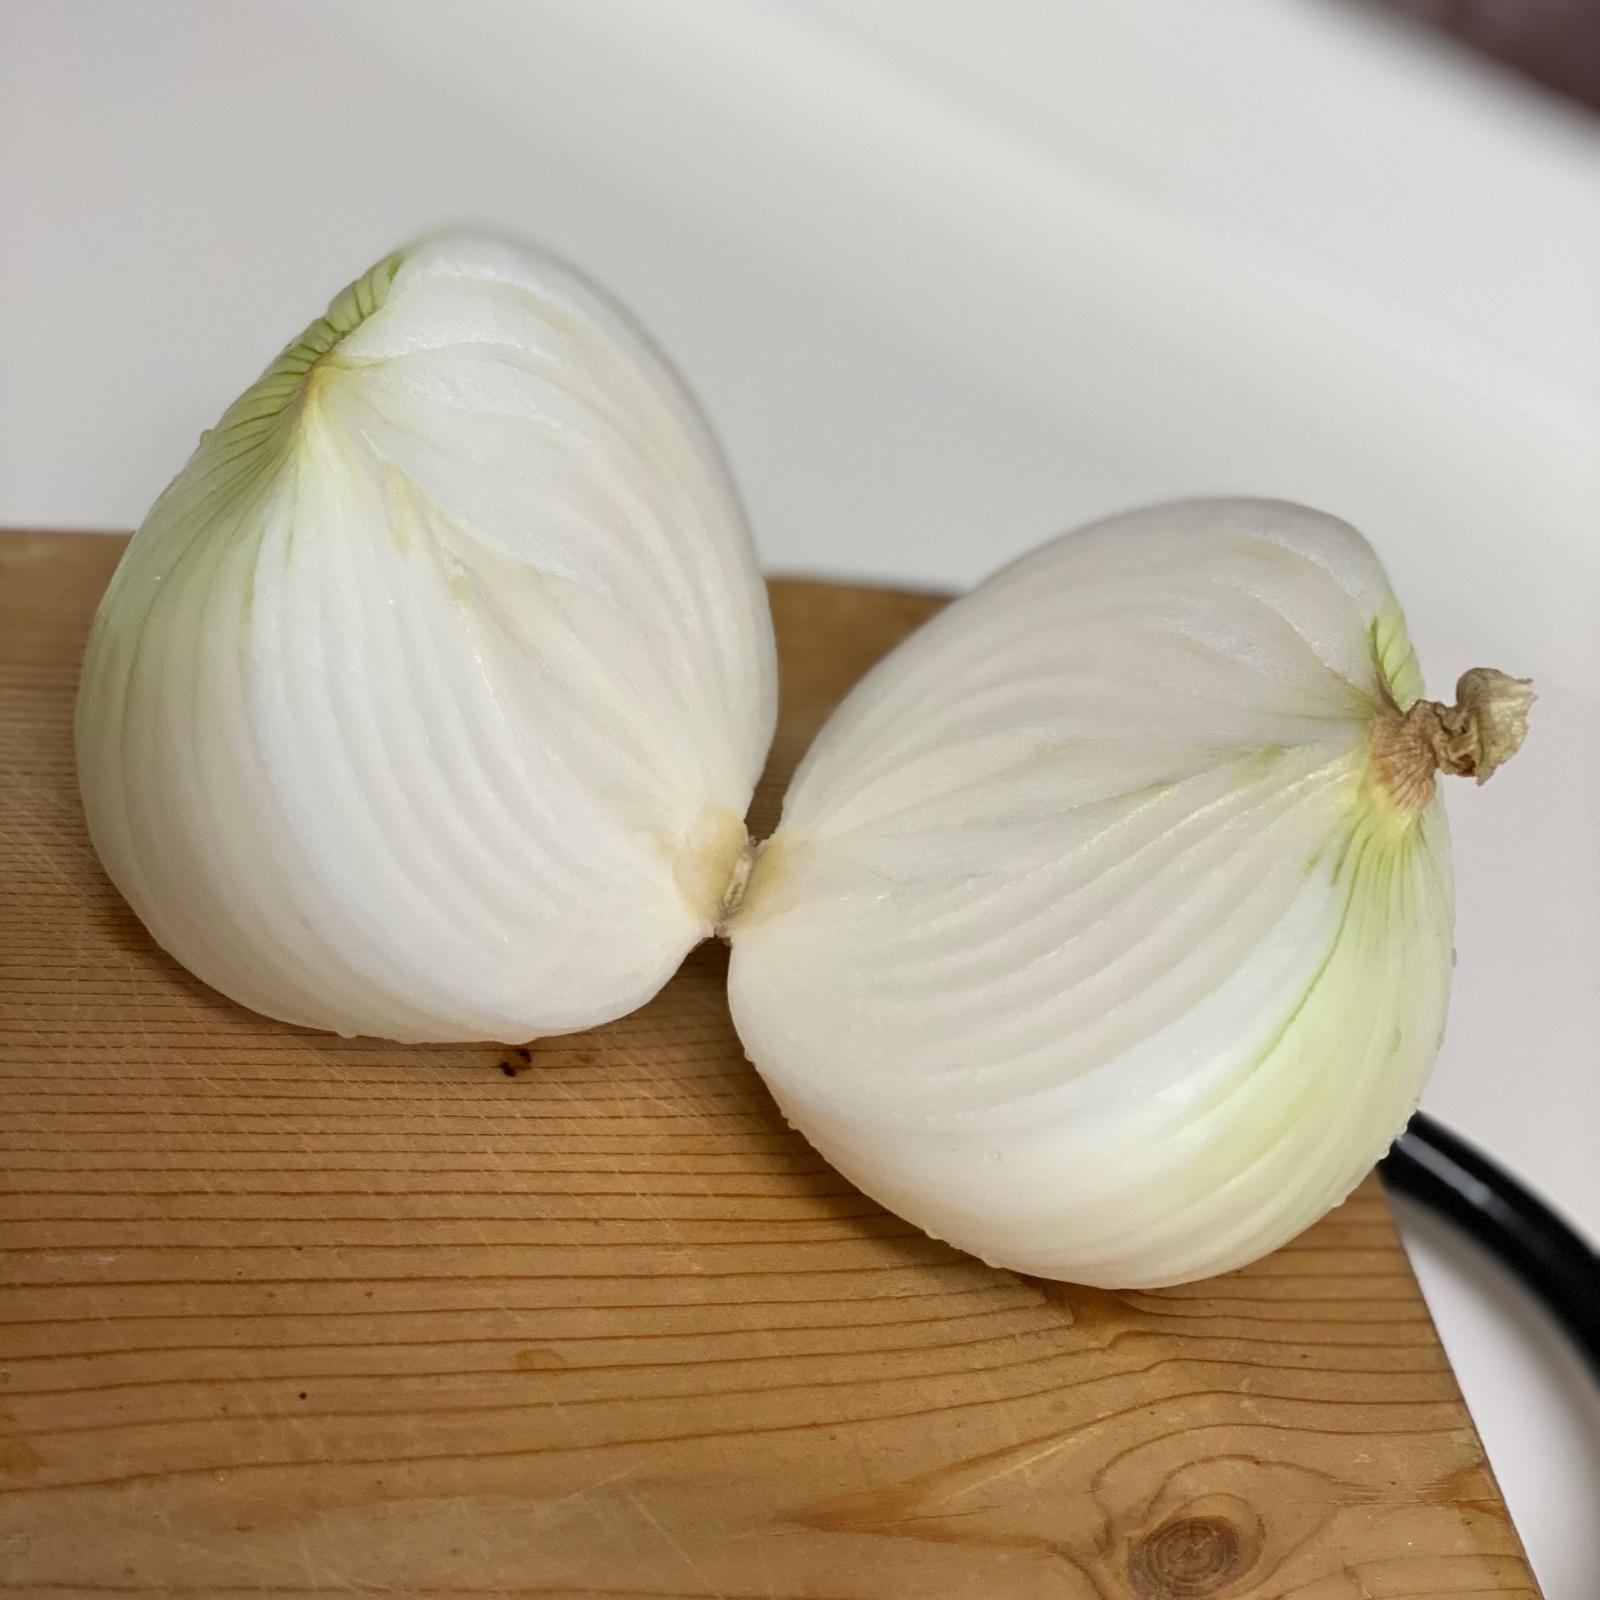 訳あり玉ねぎ Mサイズ 10kg 野菜/玉ねぎ通販